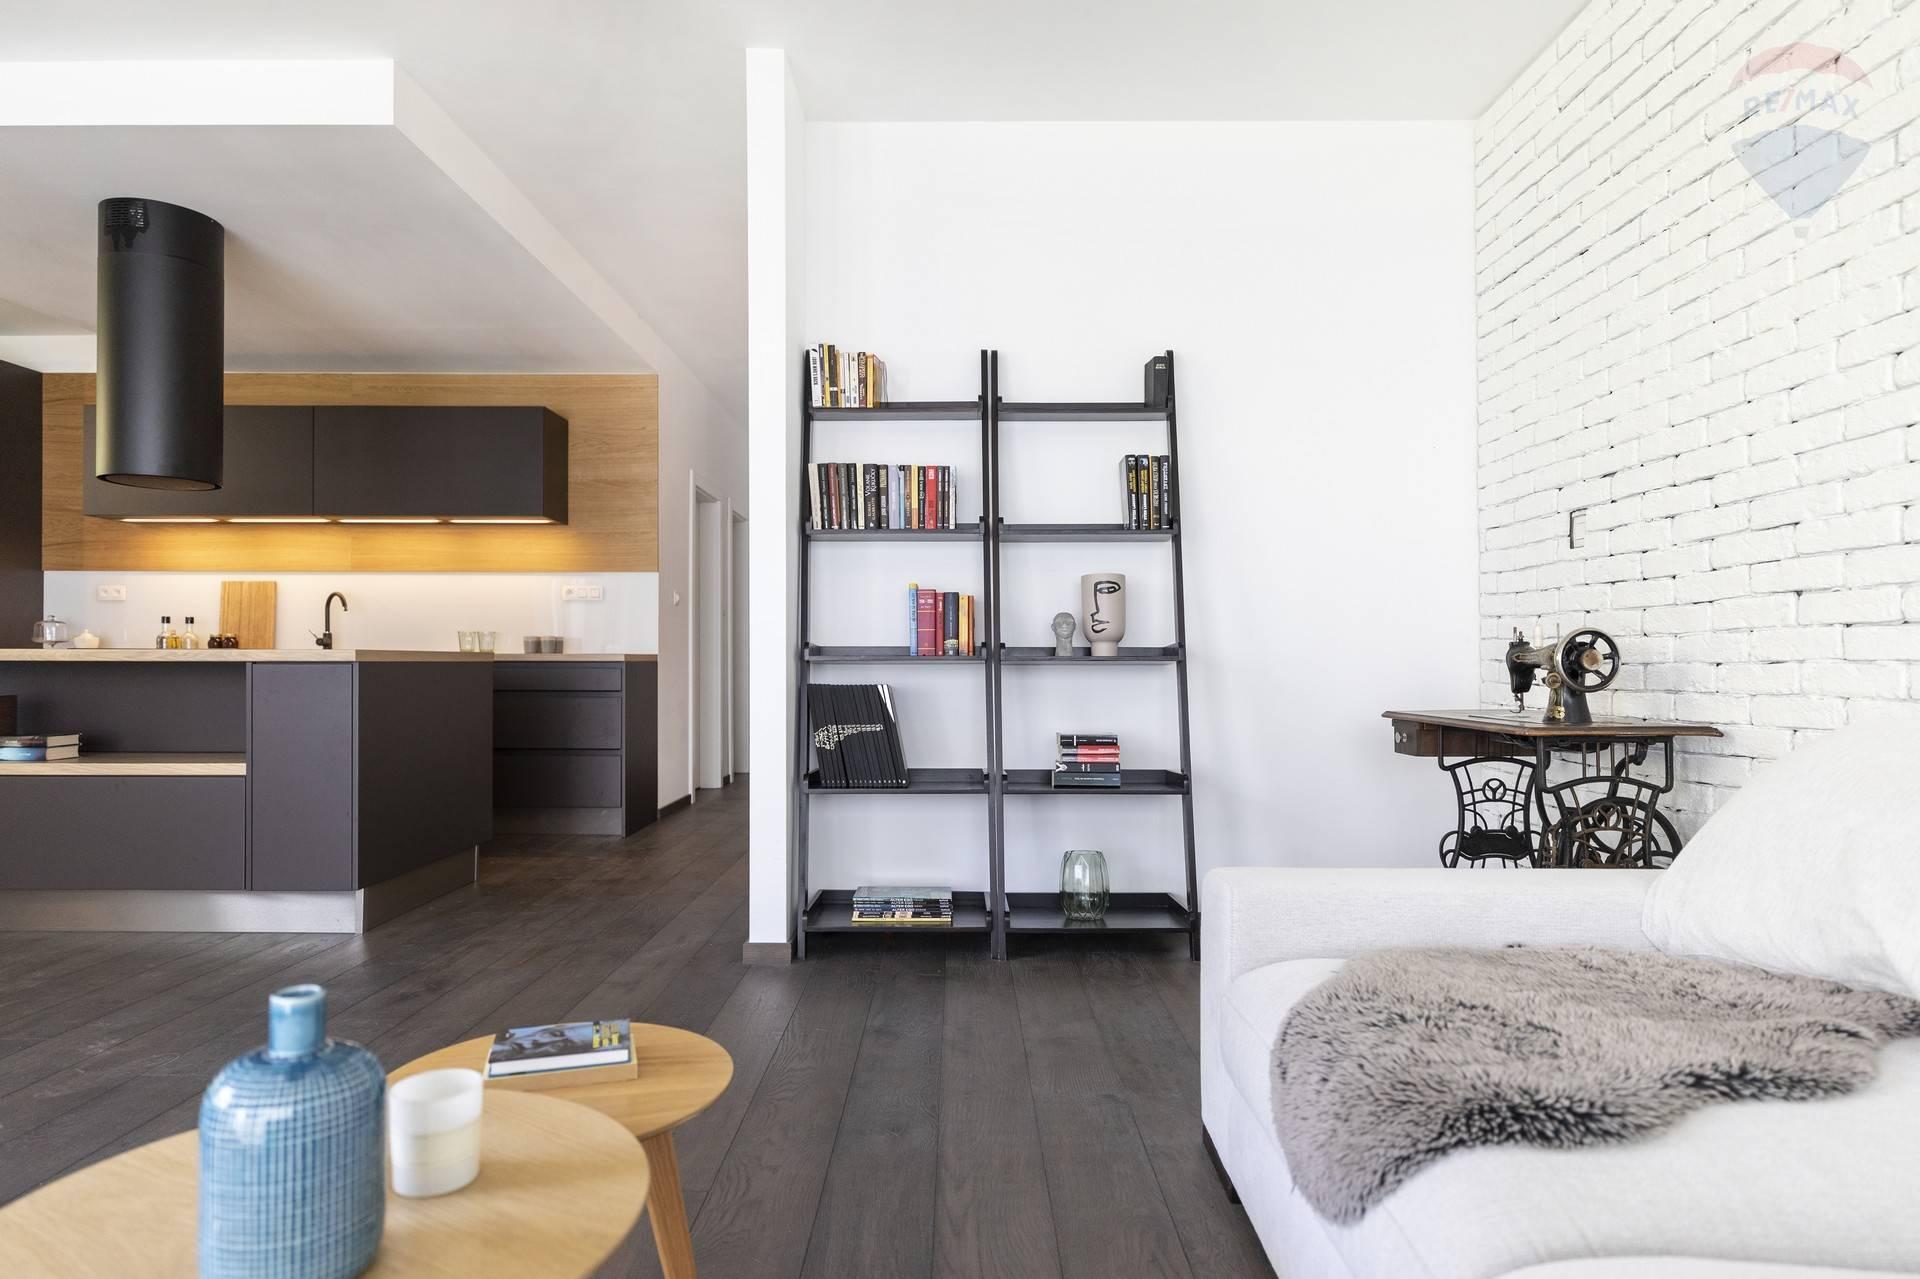 Prenájom bytu (4 izbový) 144 m2, Bratislava - Nové Mesto - PRENÁJOM: nadštandardný 4 izbový byt, ulica Pod Vtáčnikom, NOVOSTAVBA Park pod Kolibou